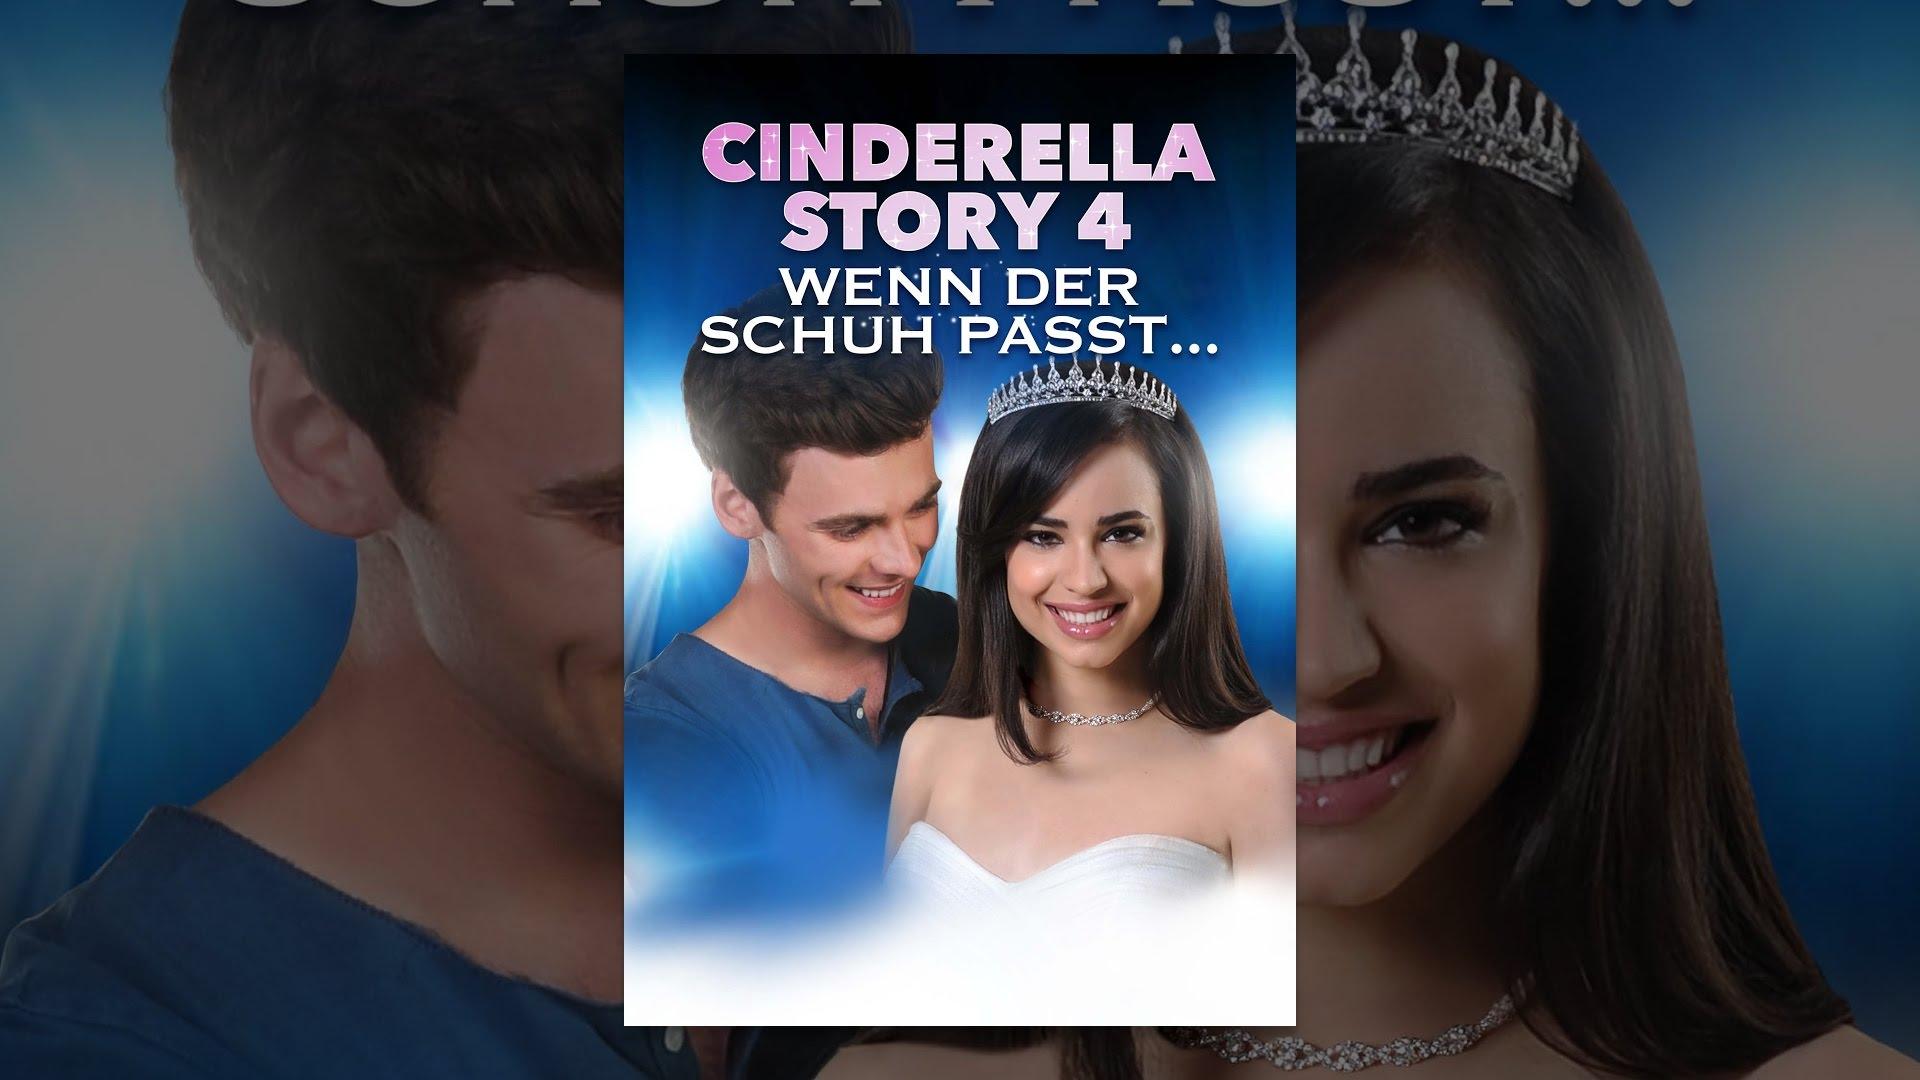 Cinderella Story 4 Wenn Der Schuh Passt